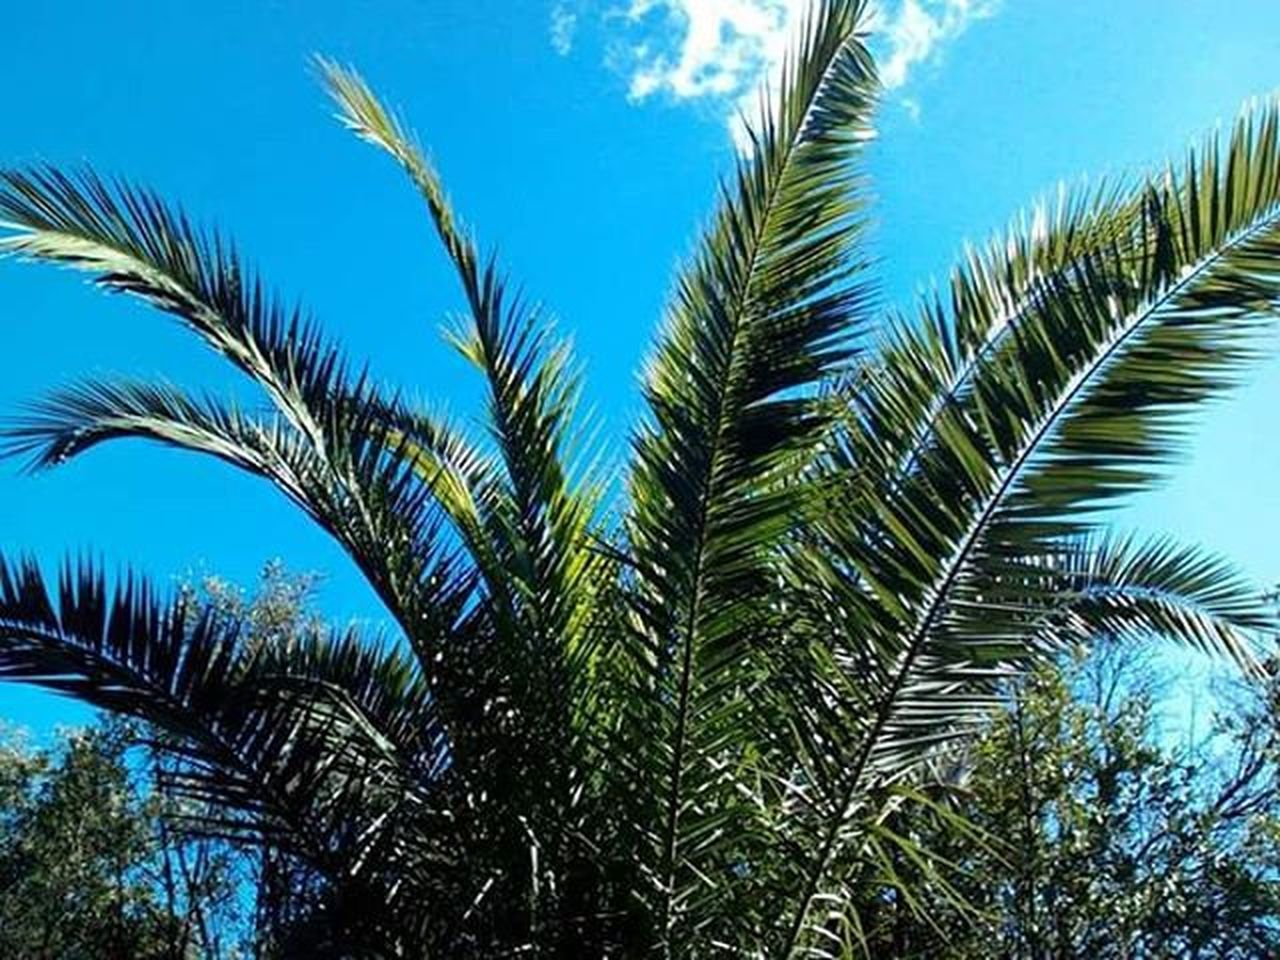 Palma Palm Pálmafa Levelek Leaves Bluesky Skyphoto Sky Zöld Green Növény Plant Naturephotography Nature Naturelovers Roma Rome Iloverome  Világlegszebbvárosa Visszakellmenni Forumromanum Pattern Pieces